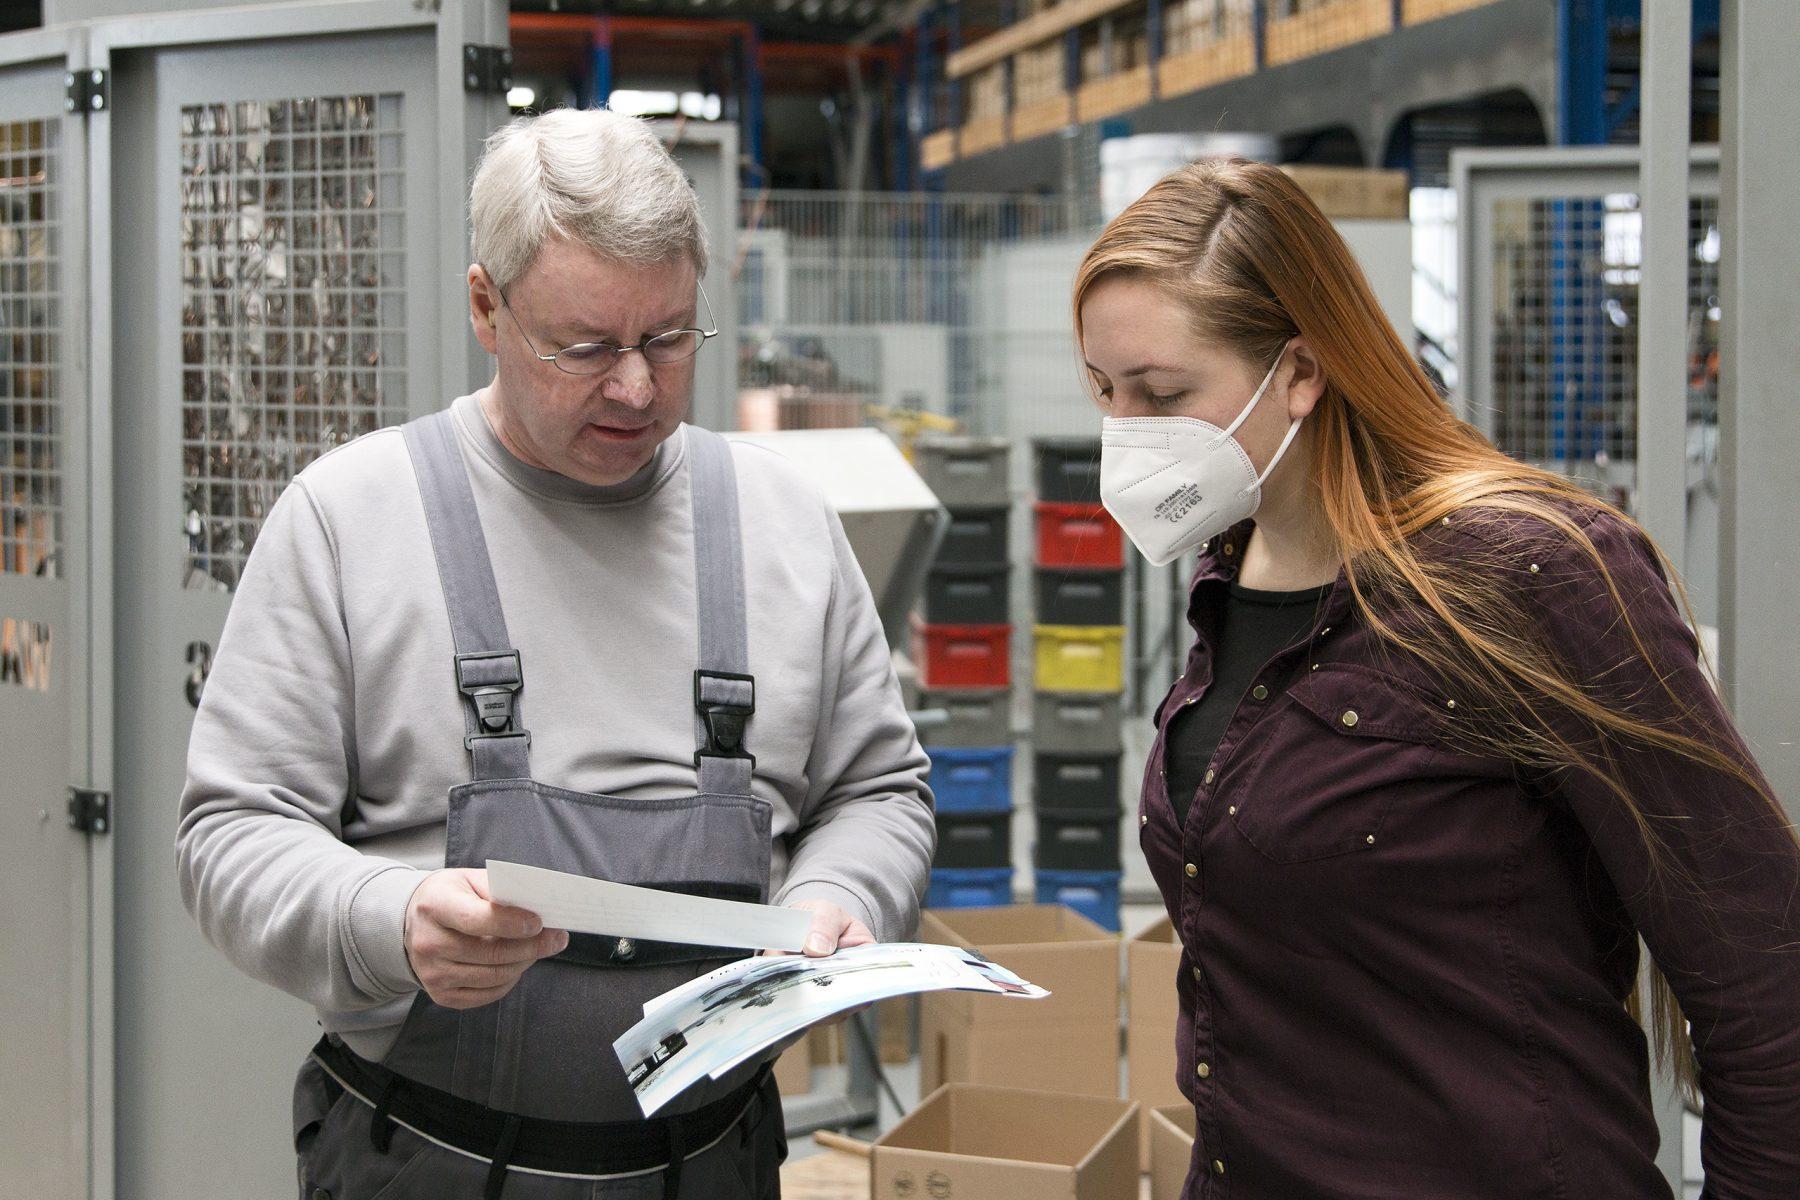 Henrike Cohrs und Thomas Filter (Filter und Kulgemeyer GmbH & Co. KG) Photo: Jean-Michel Tapp